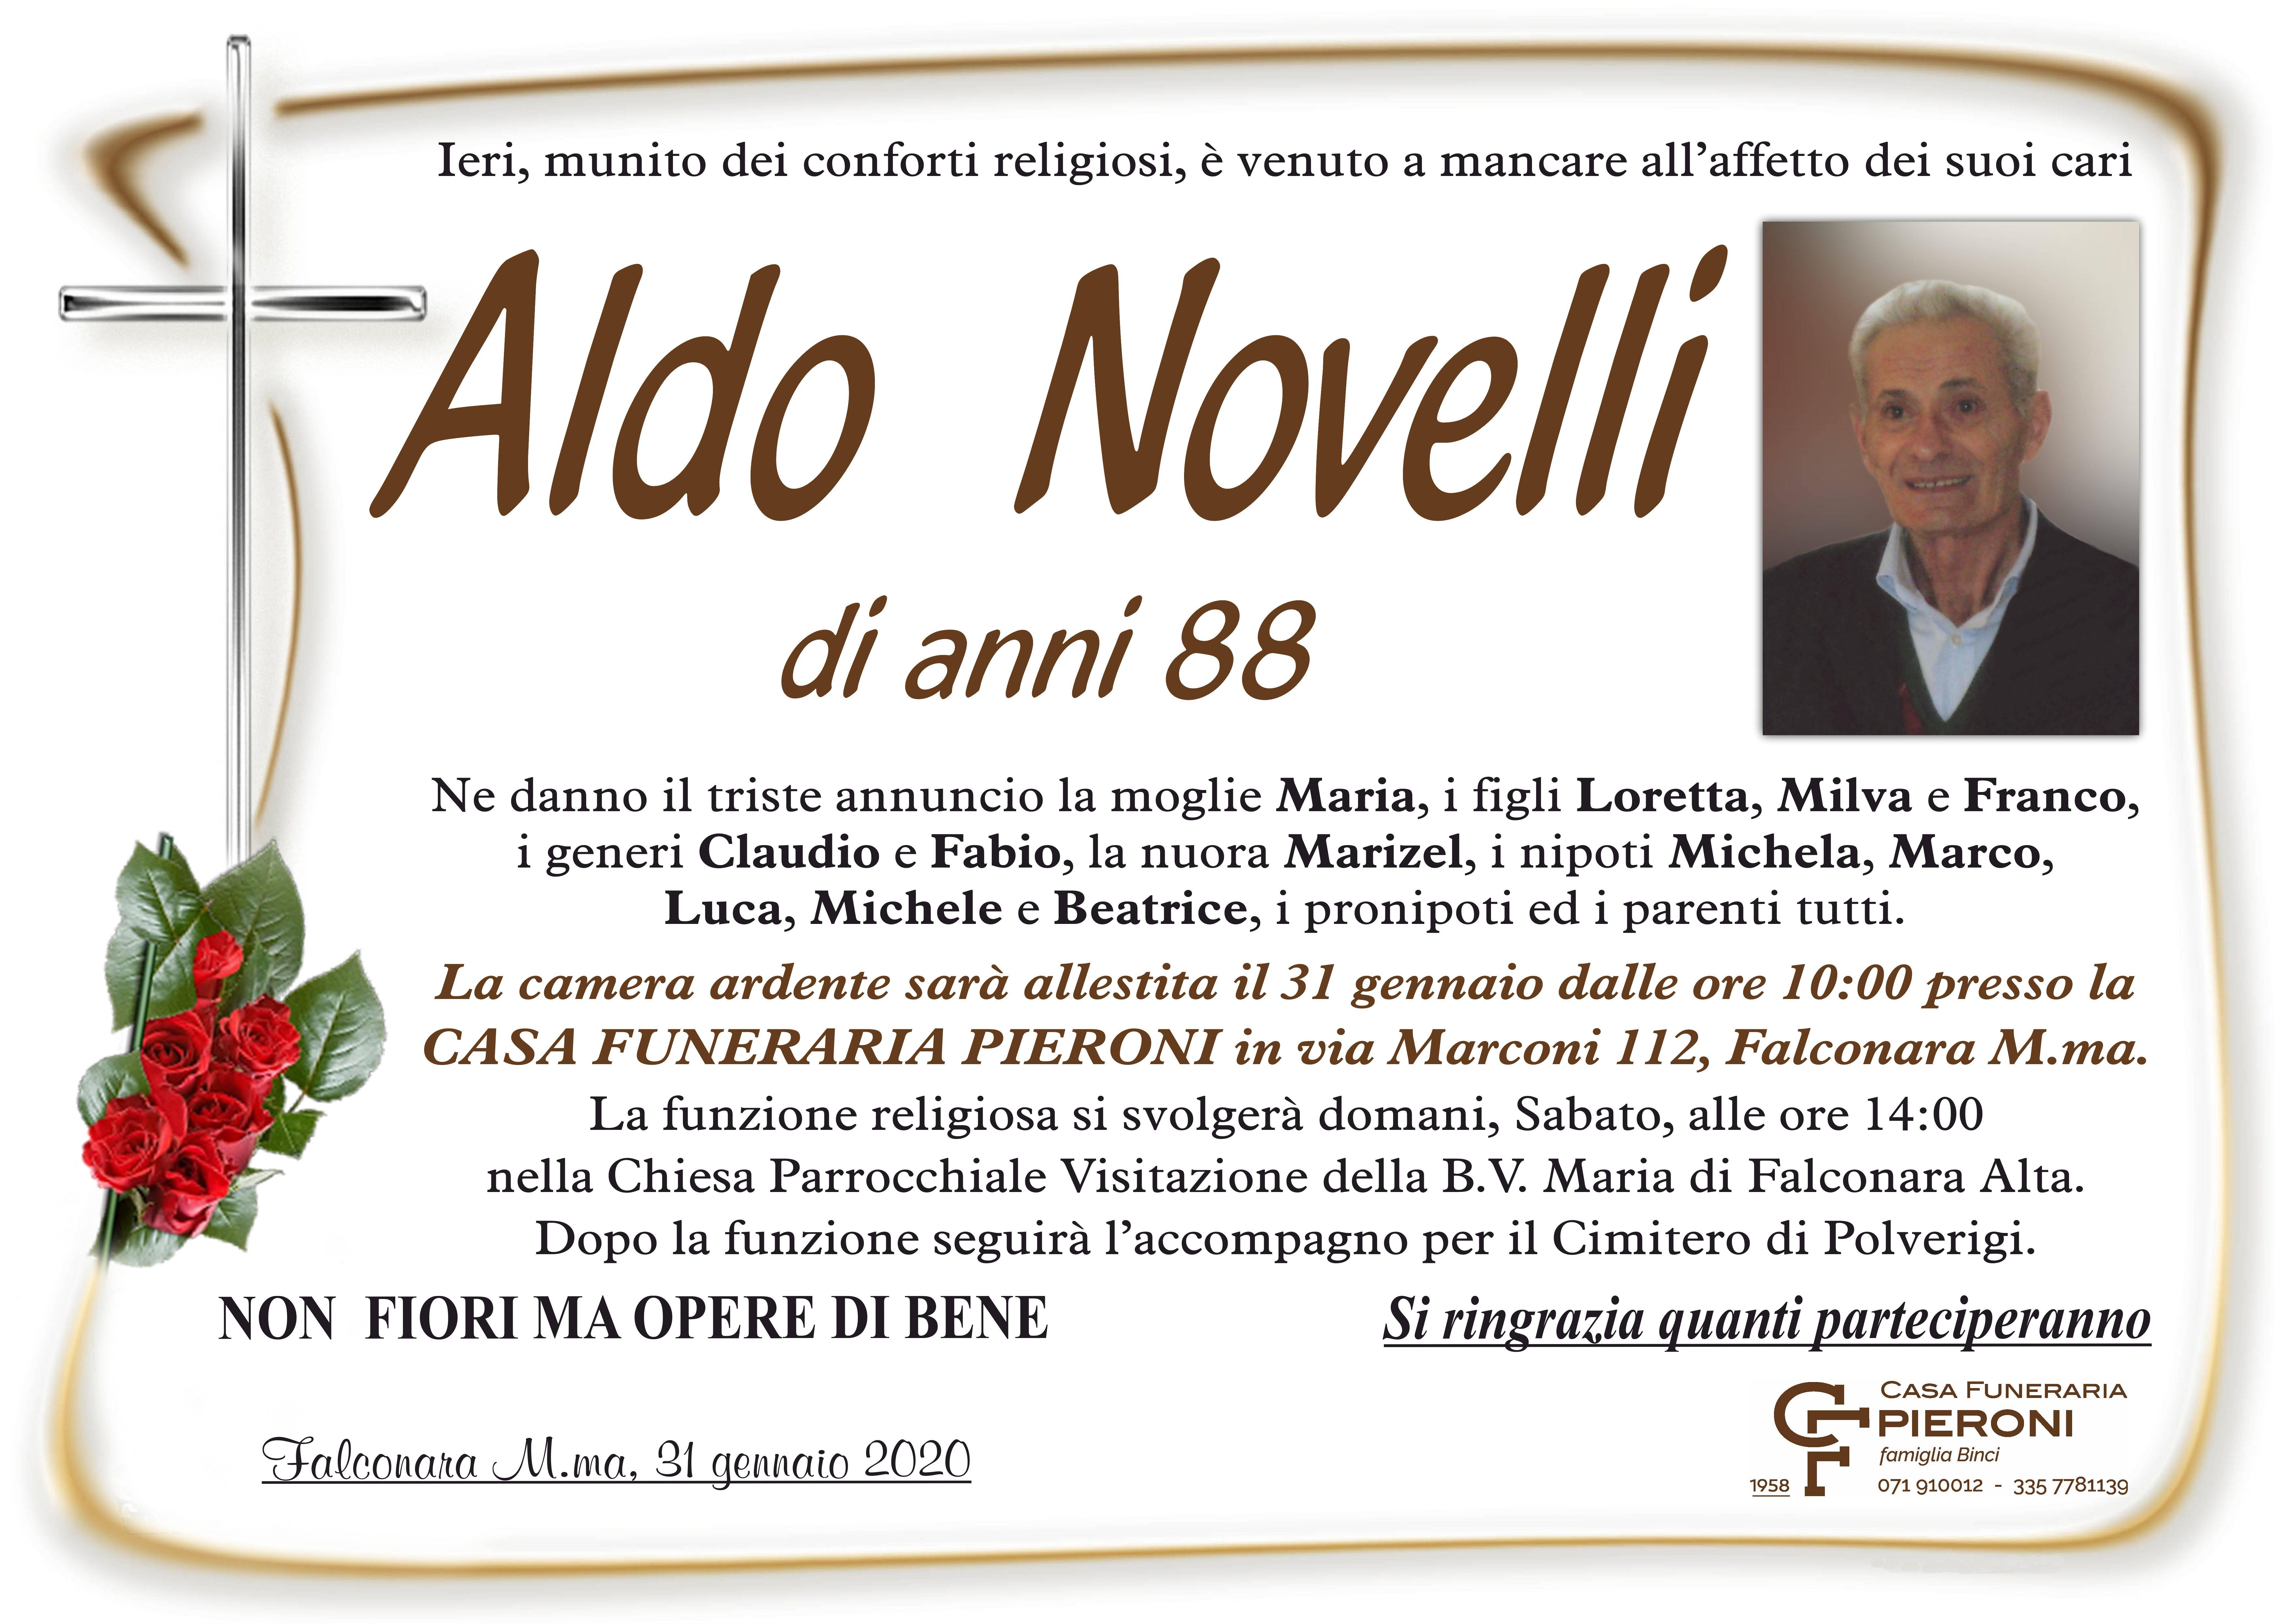 Aldo Novelli